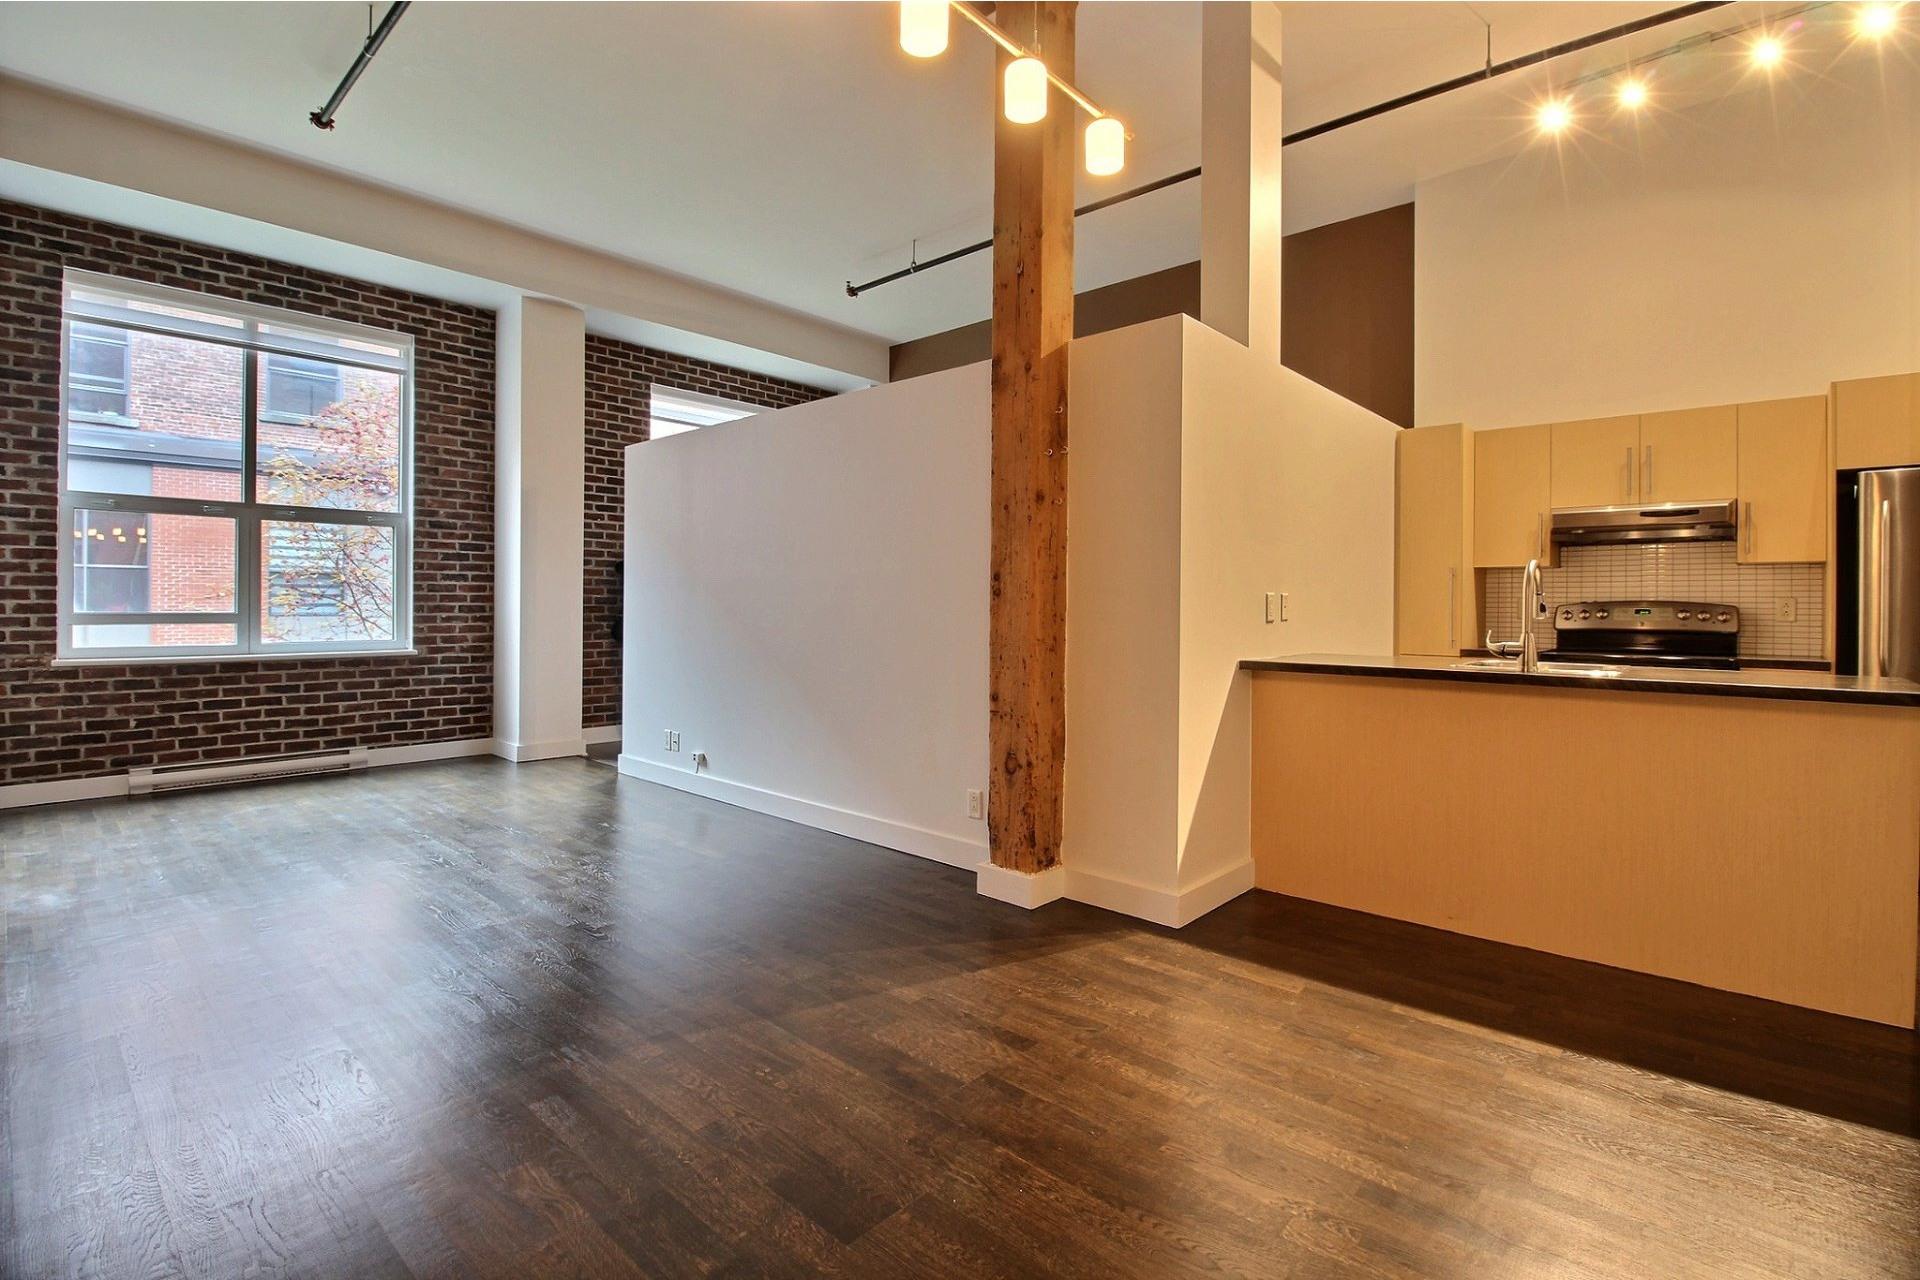 image 1 - Appartement À louer Mercier/Hochelaga-Maisonneuve Montréal  - 6 pièces